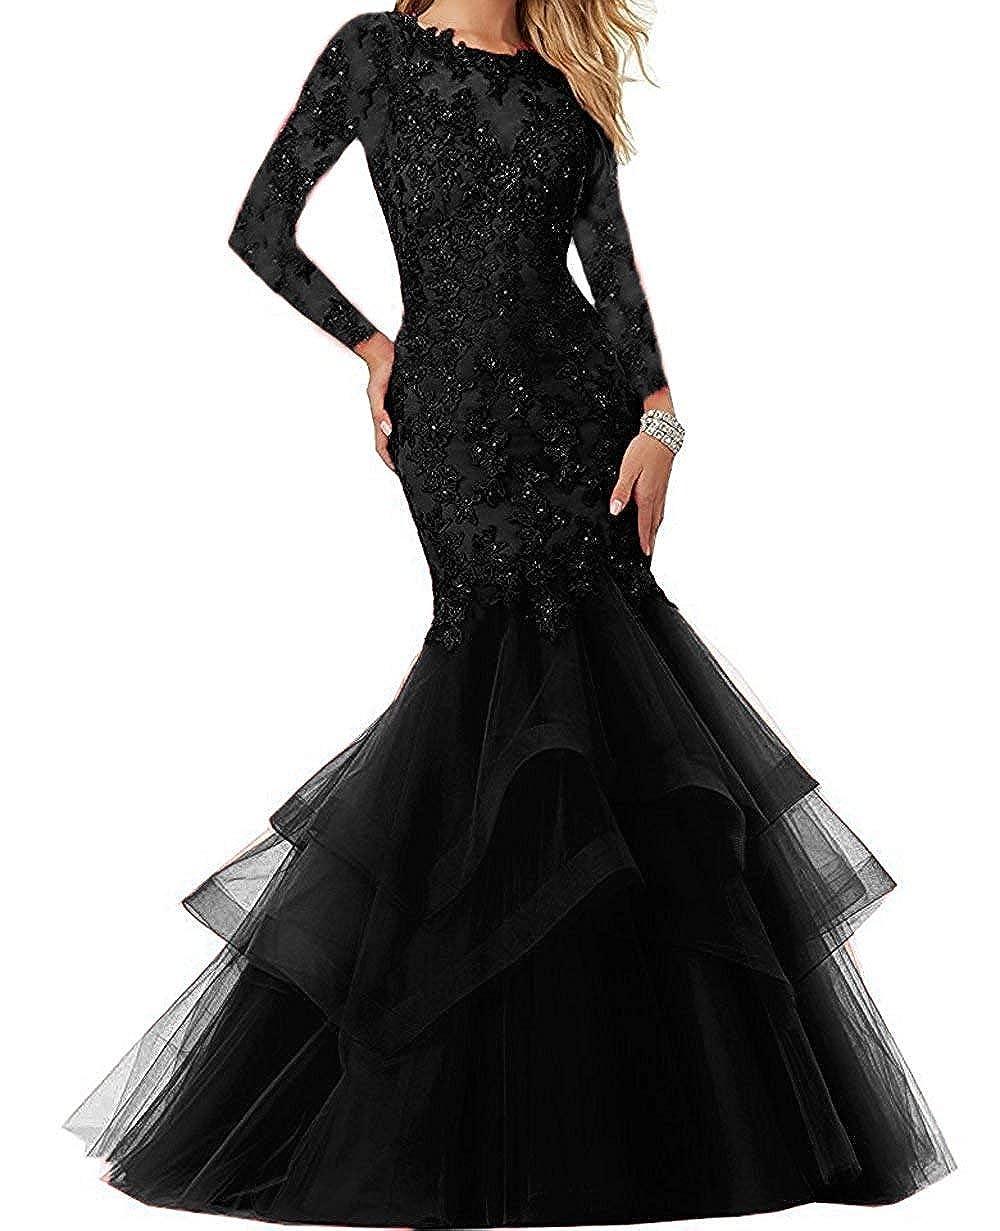 0ee8da59004 Long Prom Cocktail Dresses - Data Dynamic AG